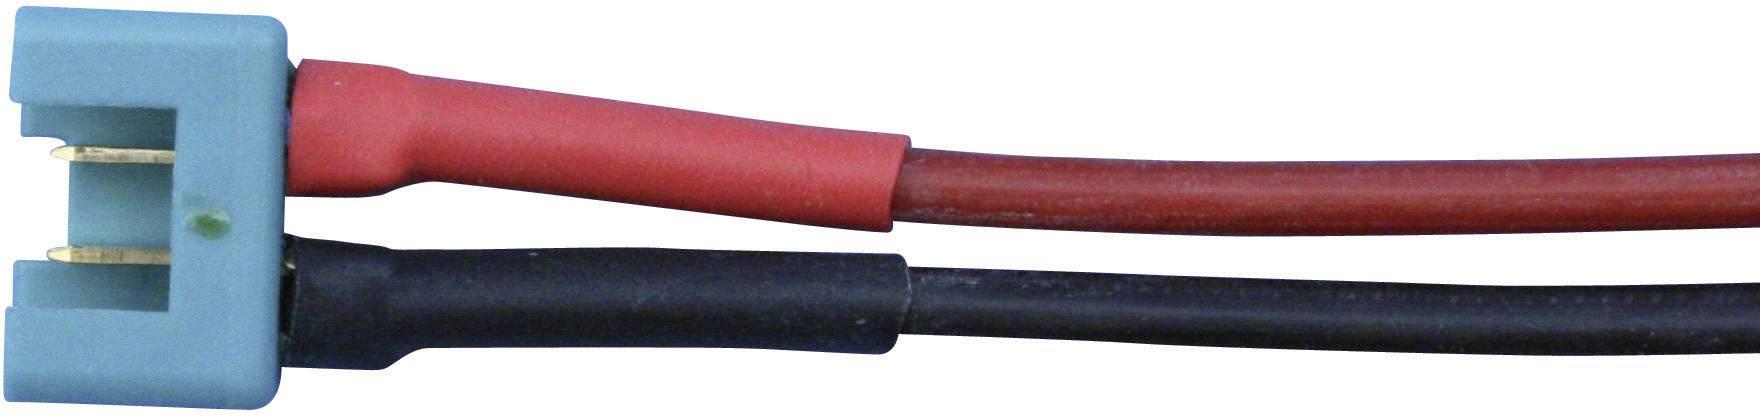 Napájecí kabel pro vyšší odběr Modelcraft, MPX zásuvka, 300 mm, 4 mm²